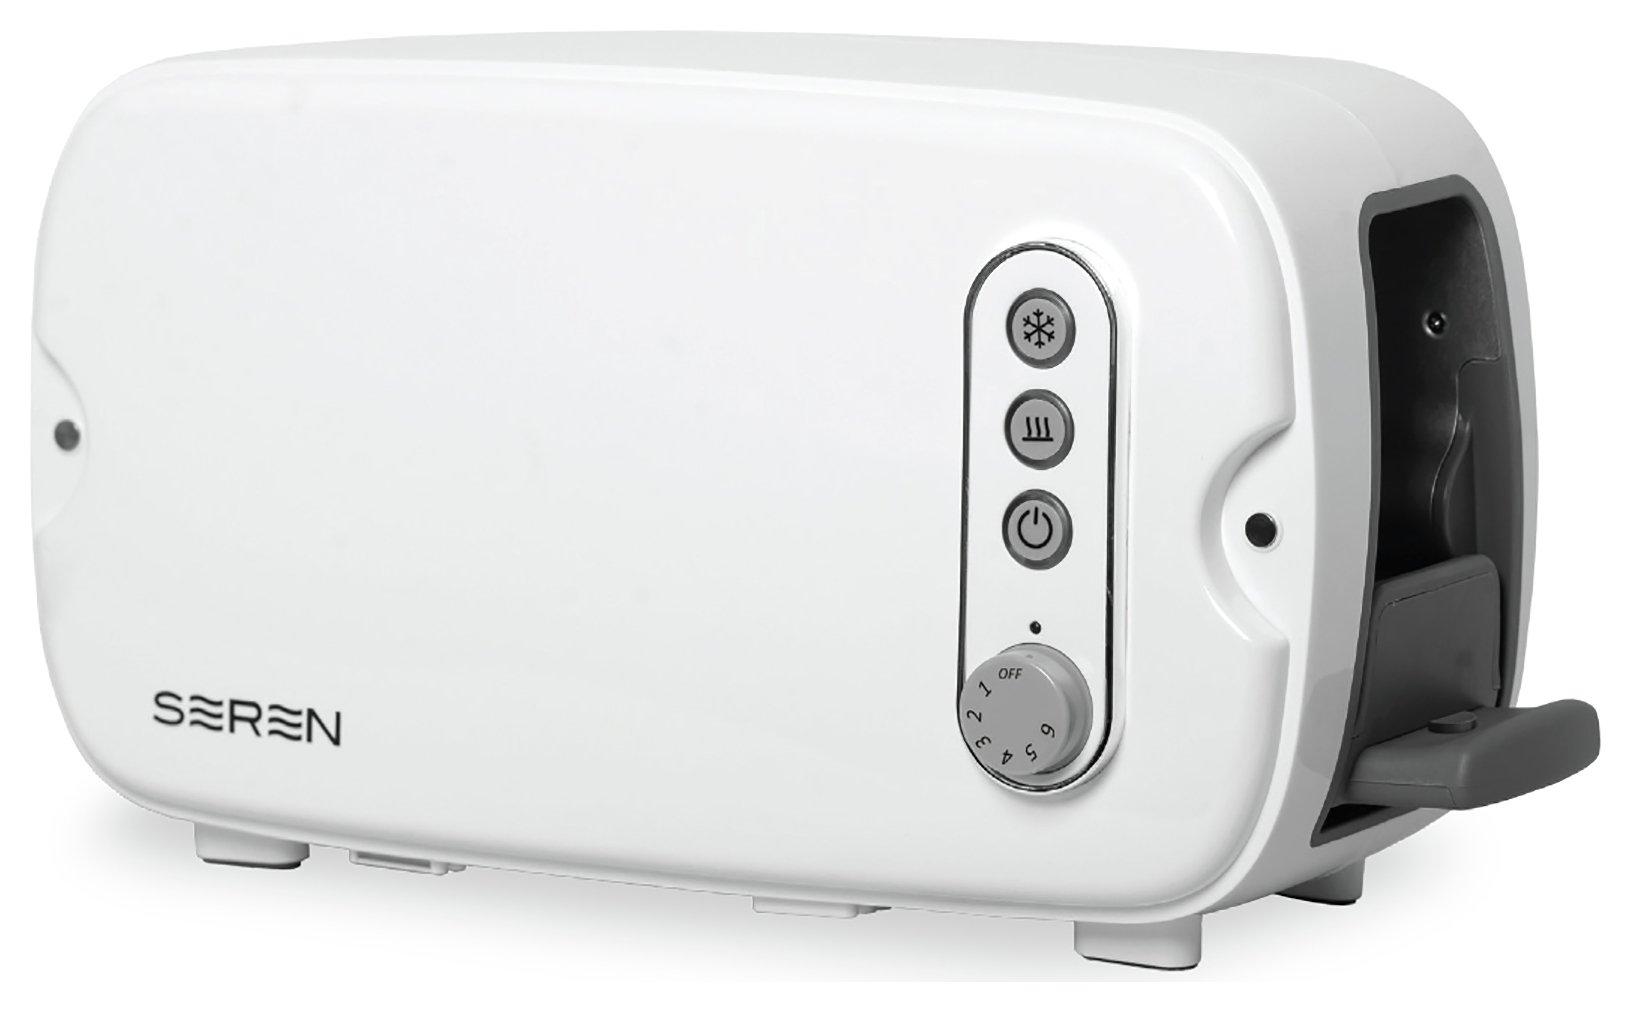 Seren Multifunction Toaster.